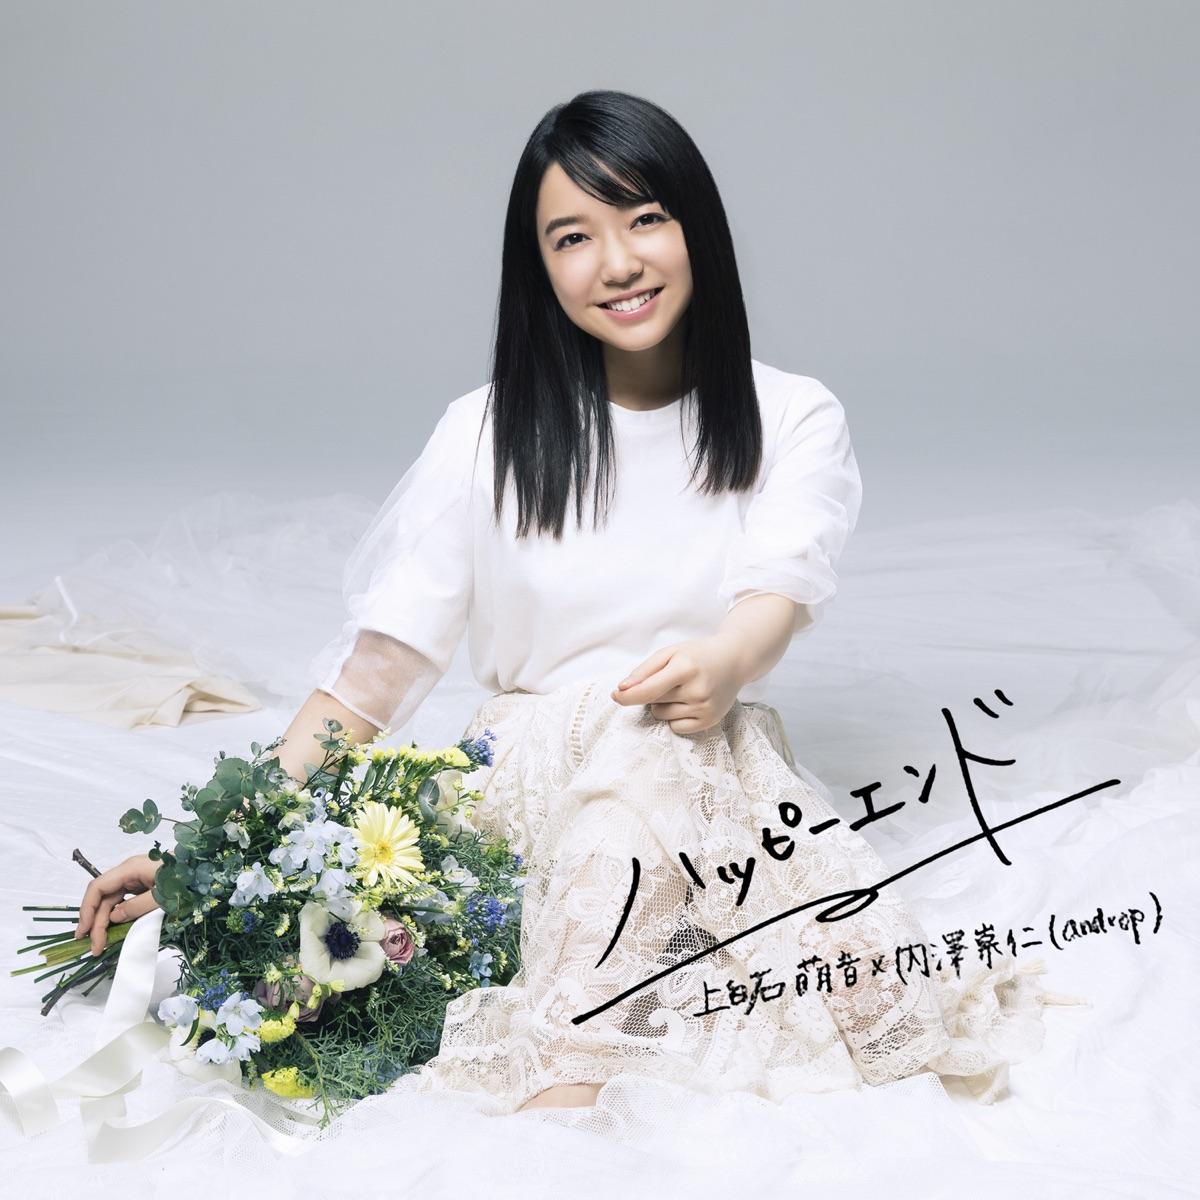 『上白石萌音×内澤崇仁(androp) - ハッピーエンド』収録の『ハッピーエンド』ジャケット